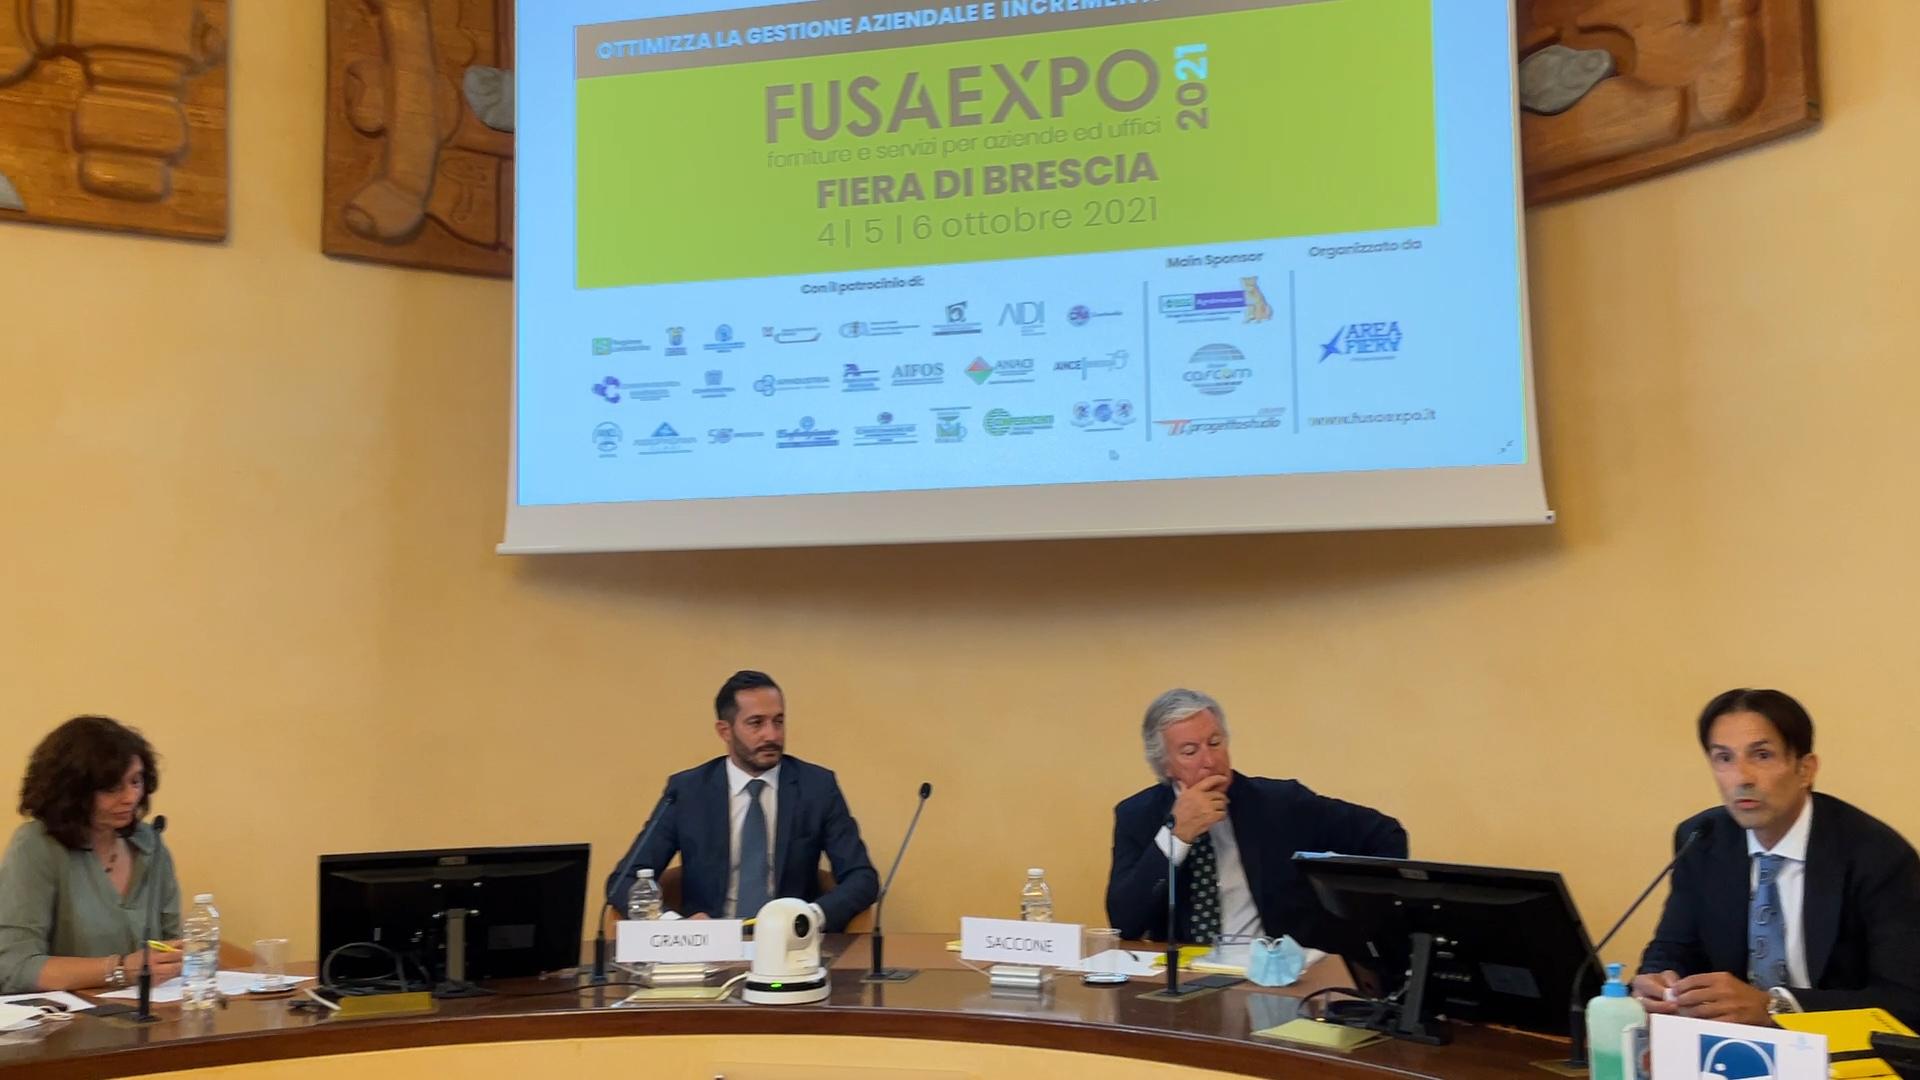 Fusa Expo, arriva la prima fiera b2b al Brixia Forum. Main sponsor BCC Agrobresciano